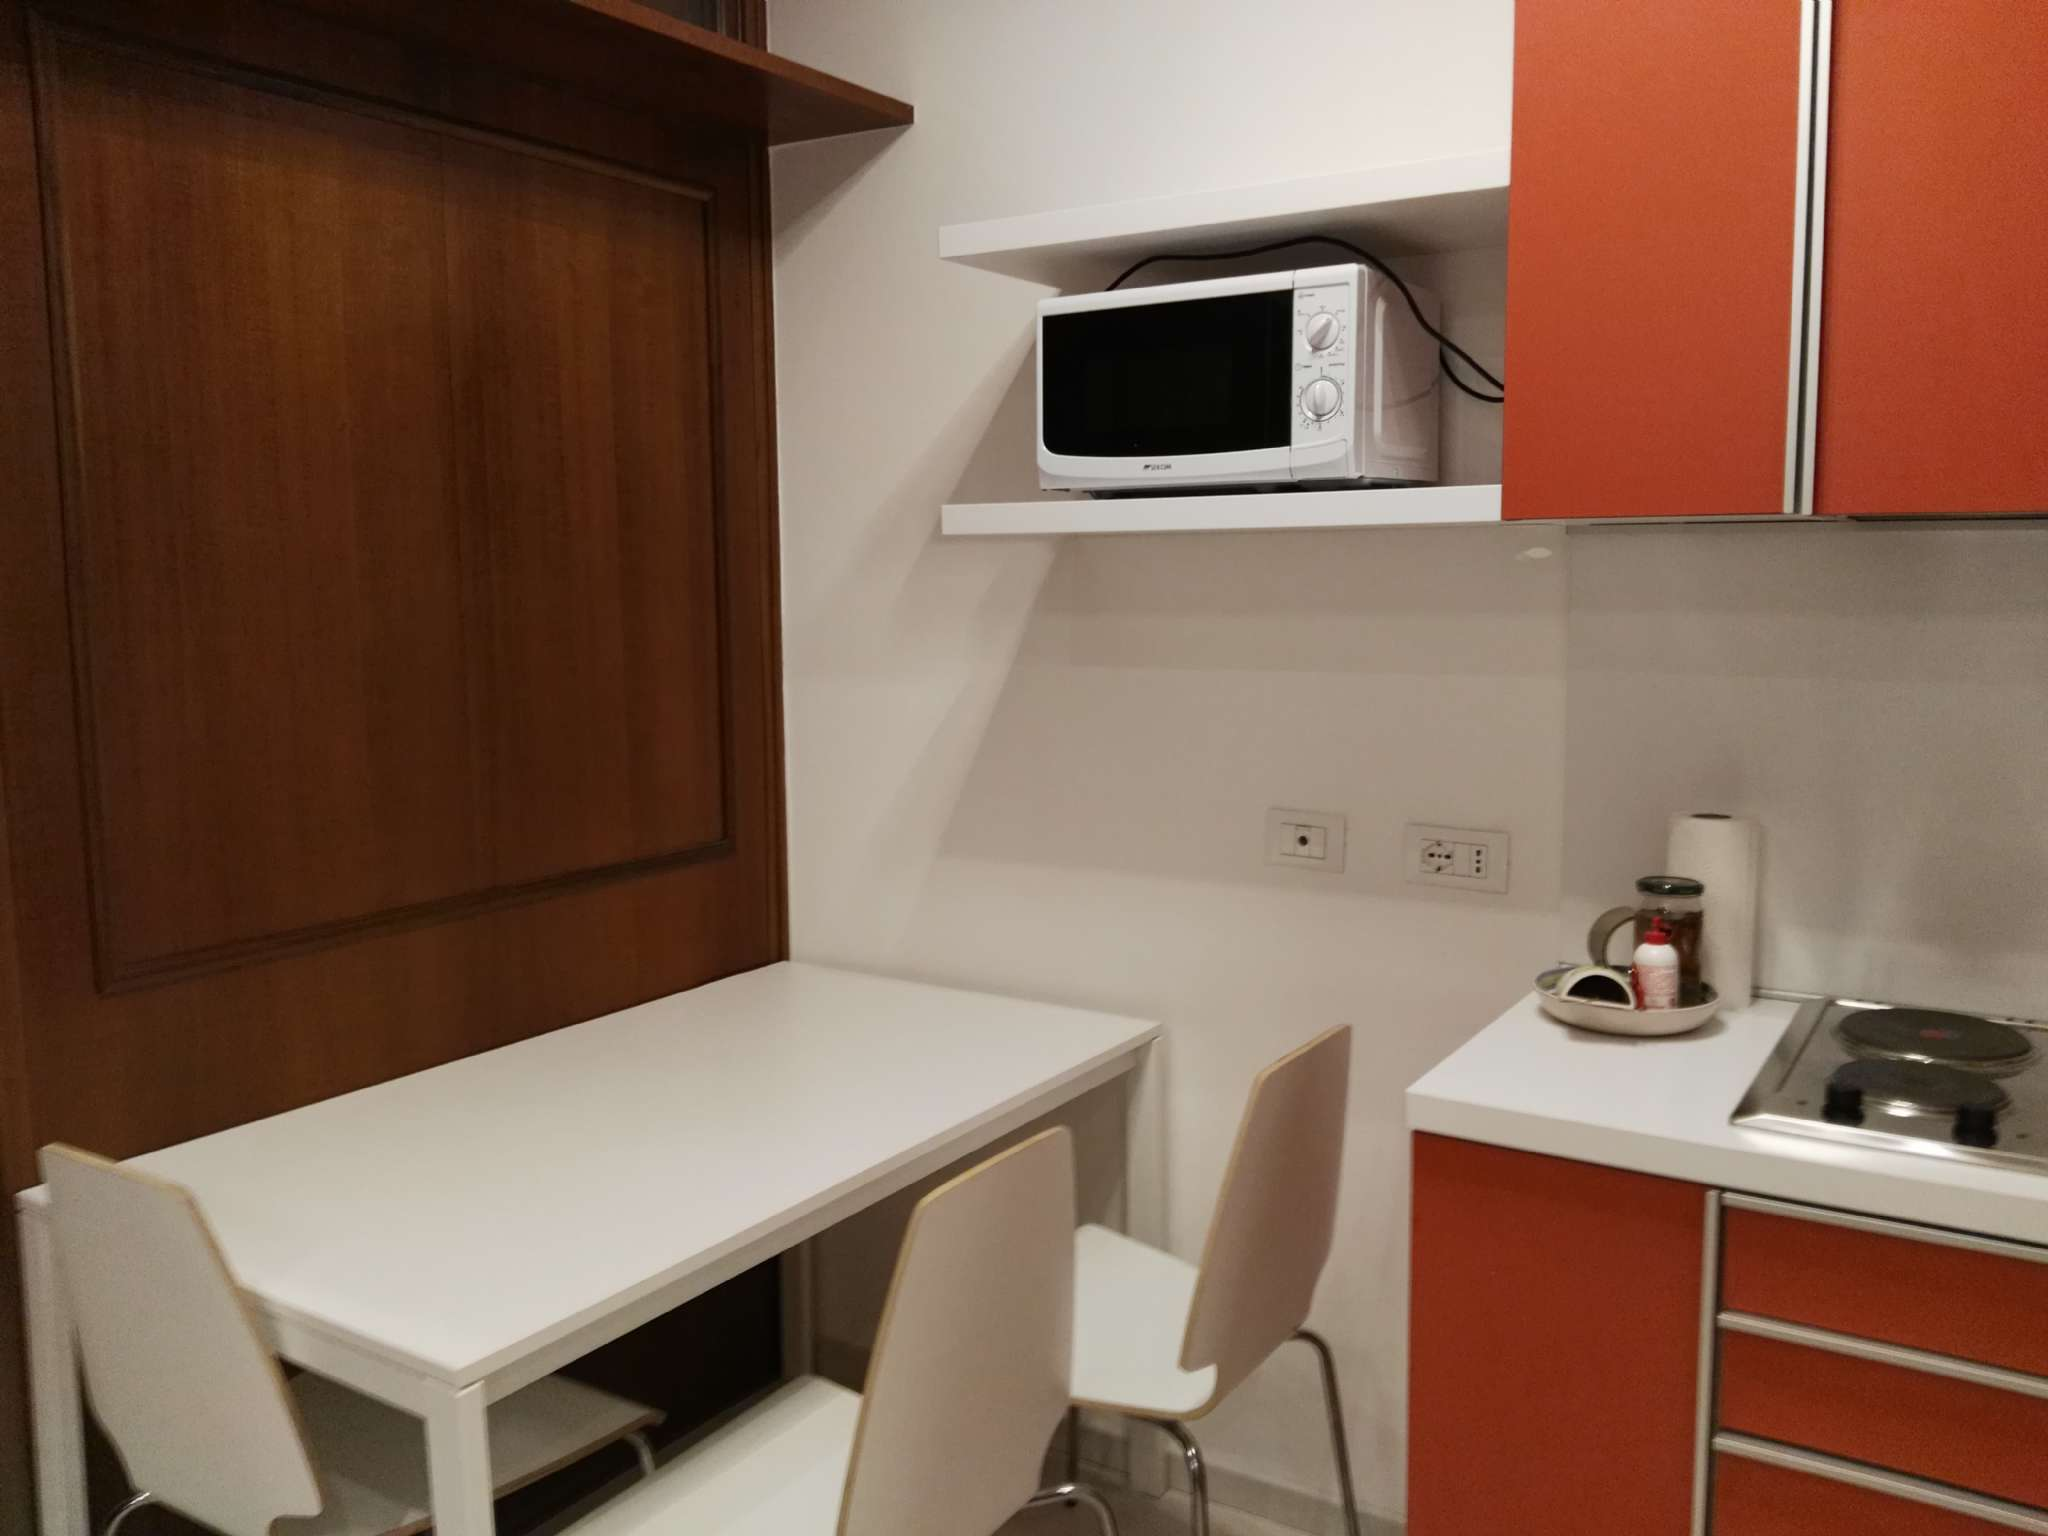 Appartamento in affitto a Padova, 3 locali, zona Zona: 1 . Centro, prezzo € 600 | CambioCasa.it